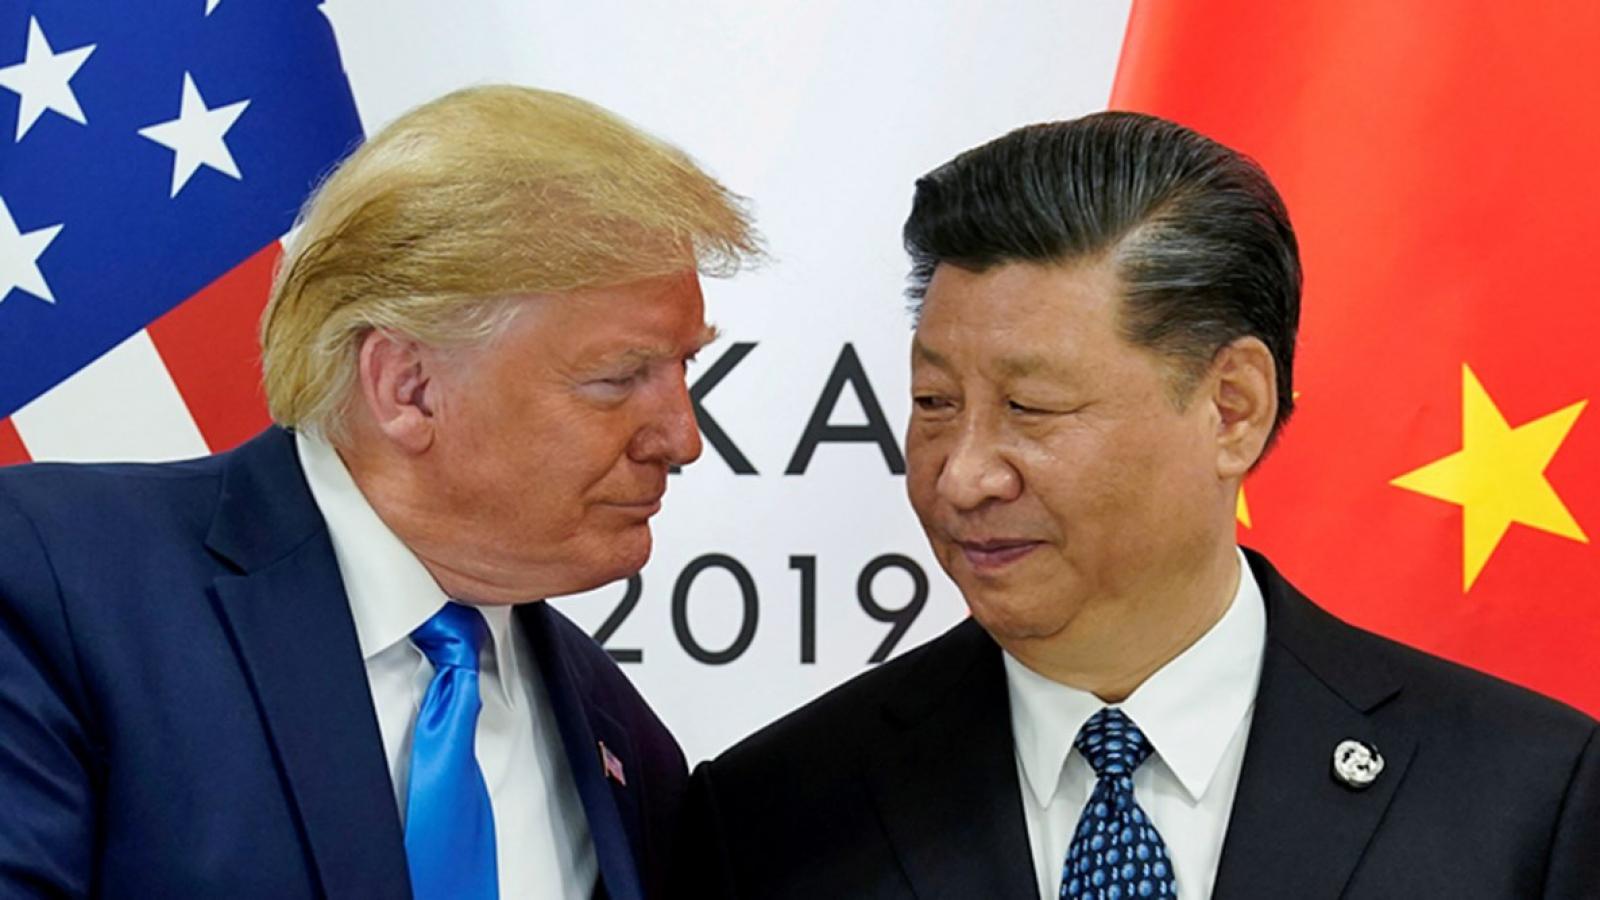 Chiến lược giúp Canada thoát thế kẹt giữa Mỹ và Trung Quốc